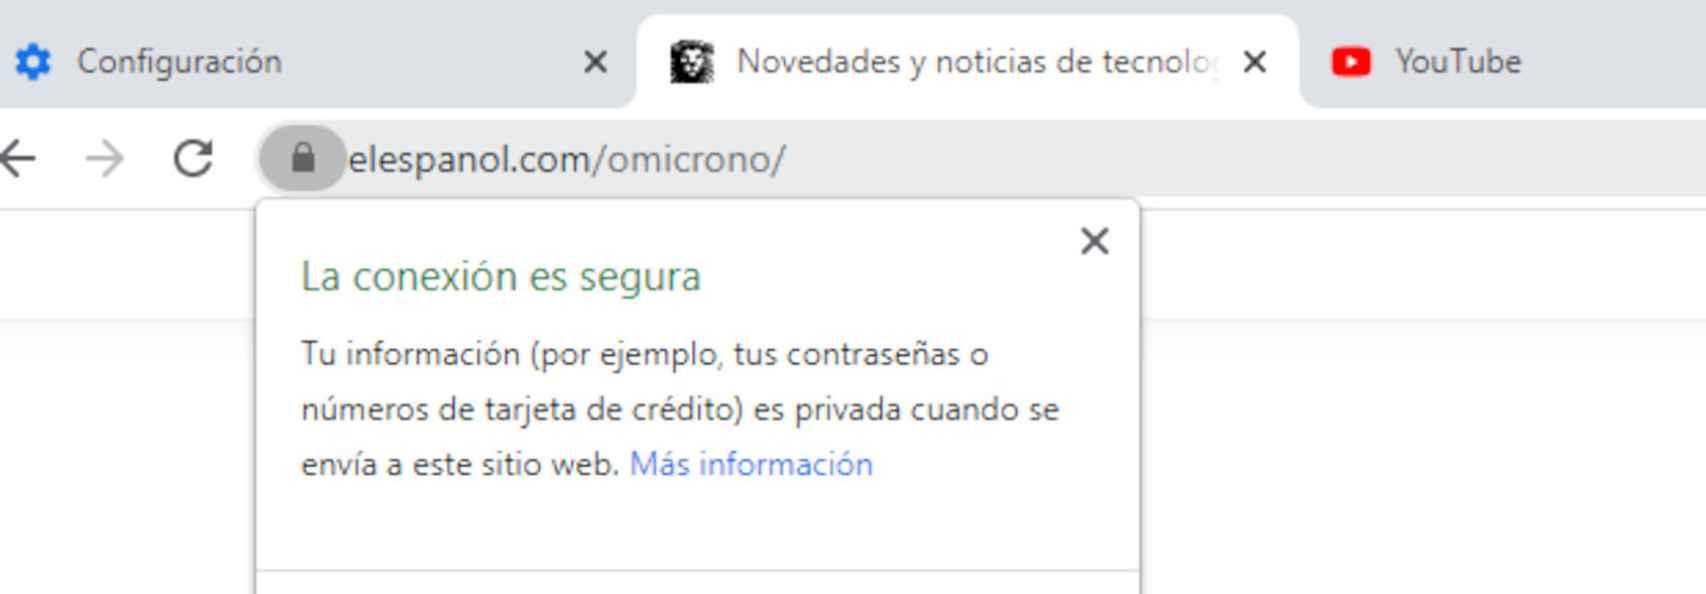 Mensaje de Chrome que indica que la conexión es segura